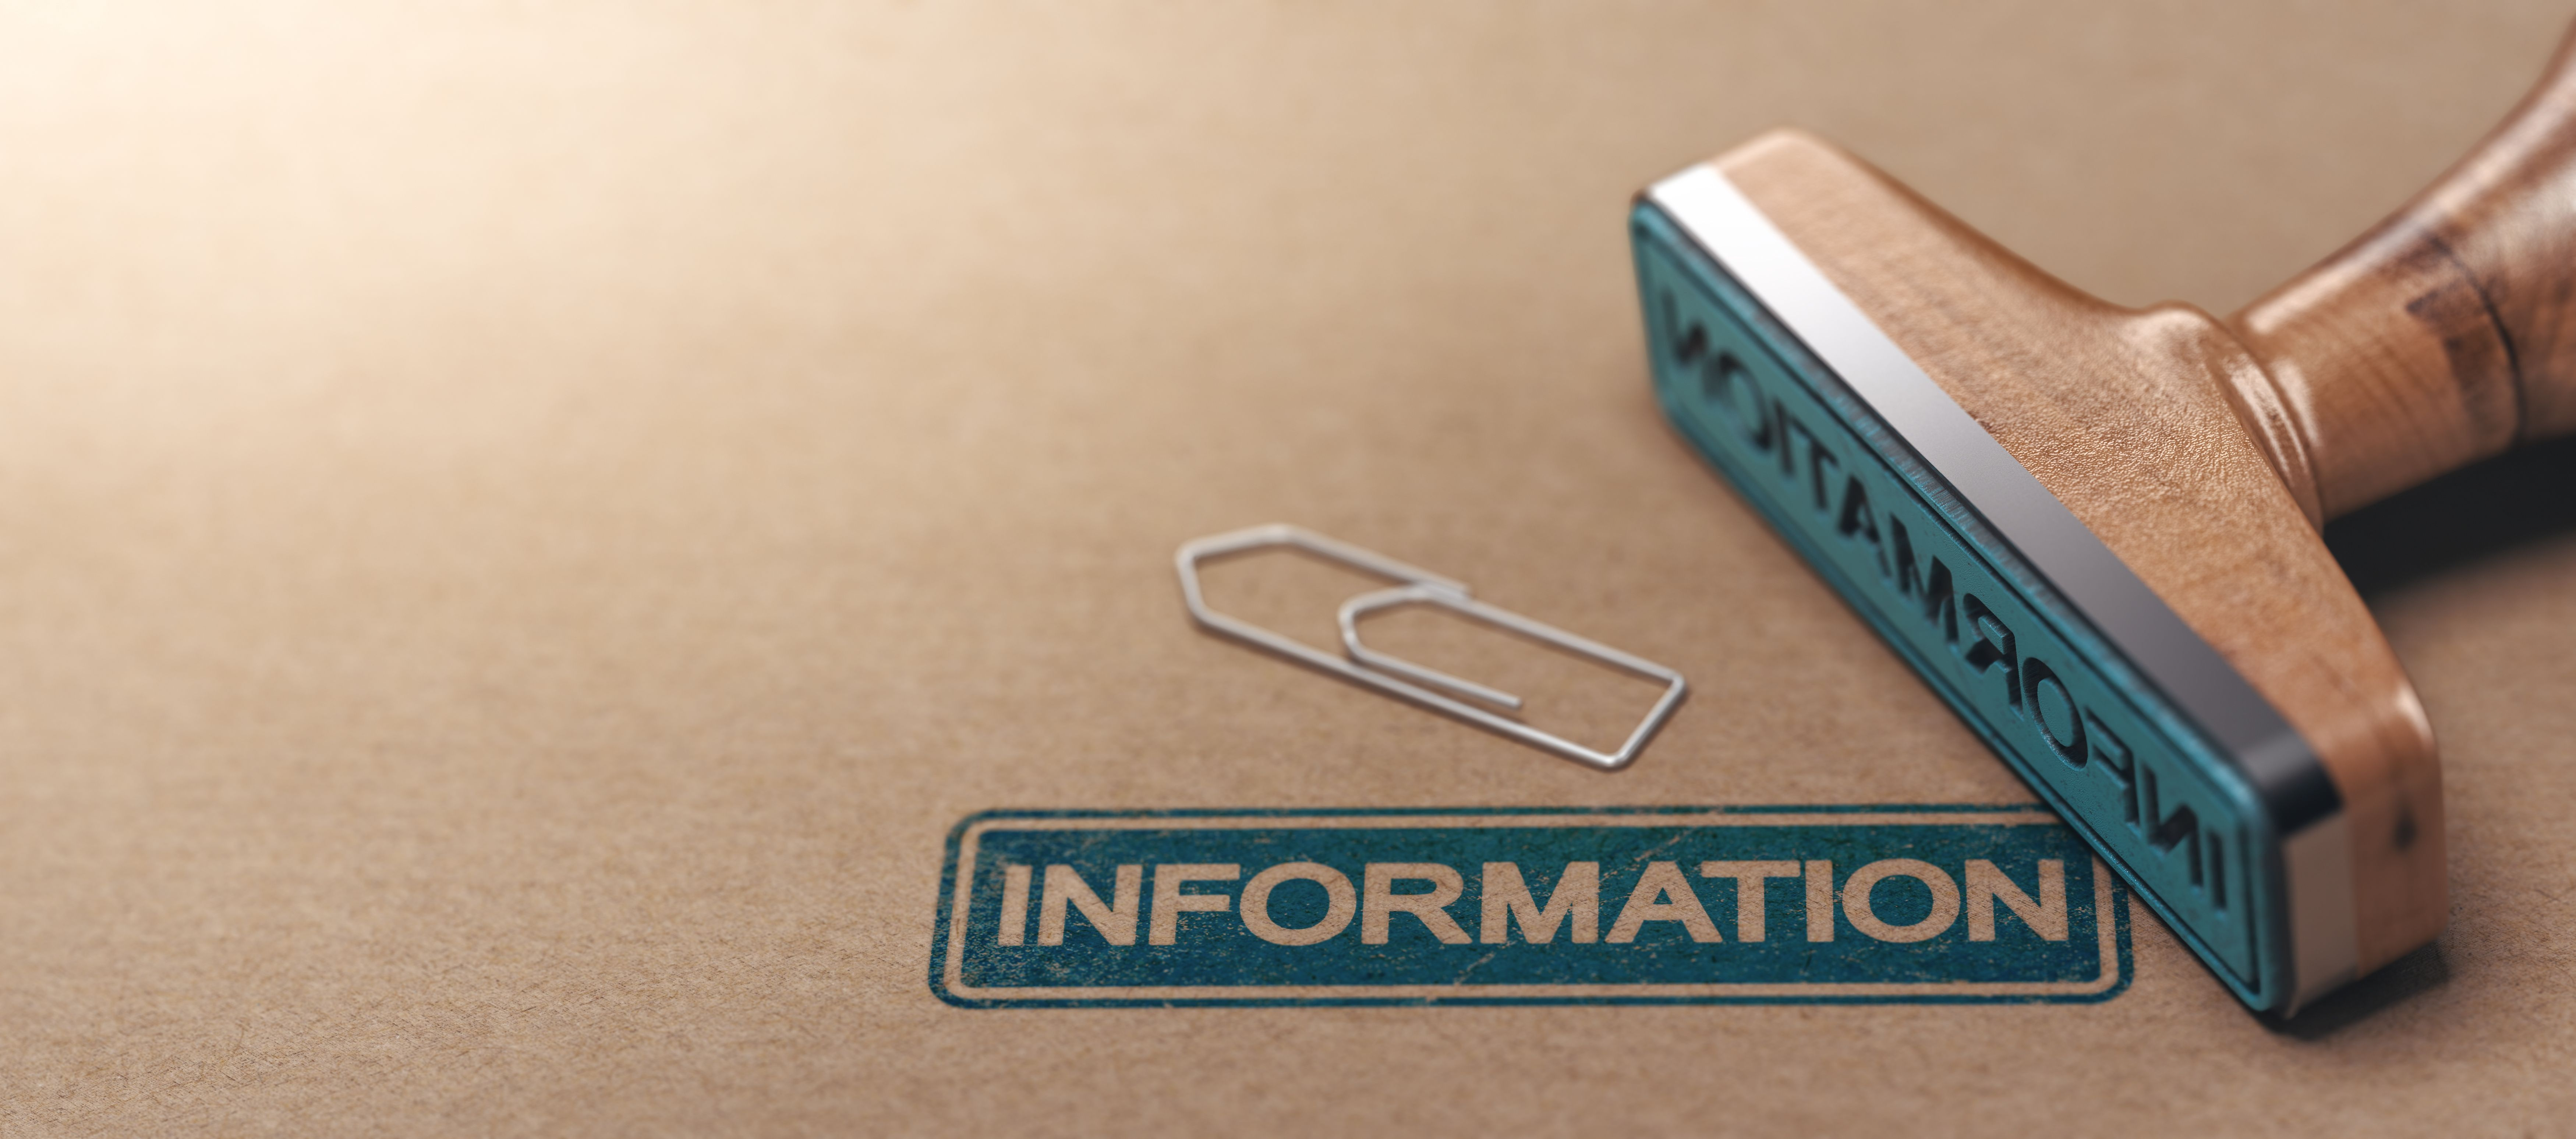 información-sobre-carritos-de-compra